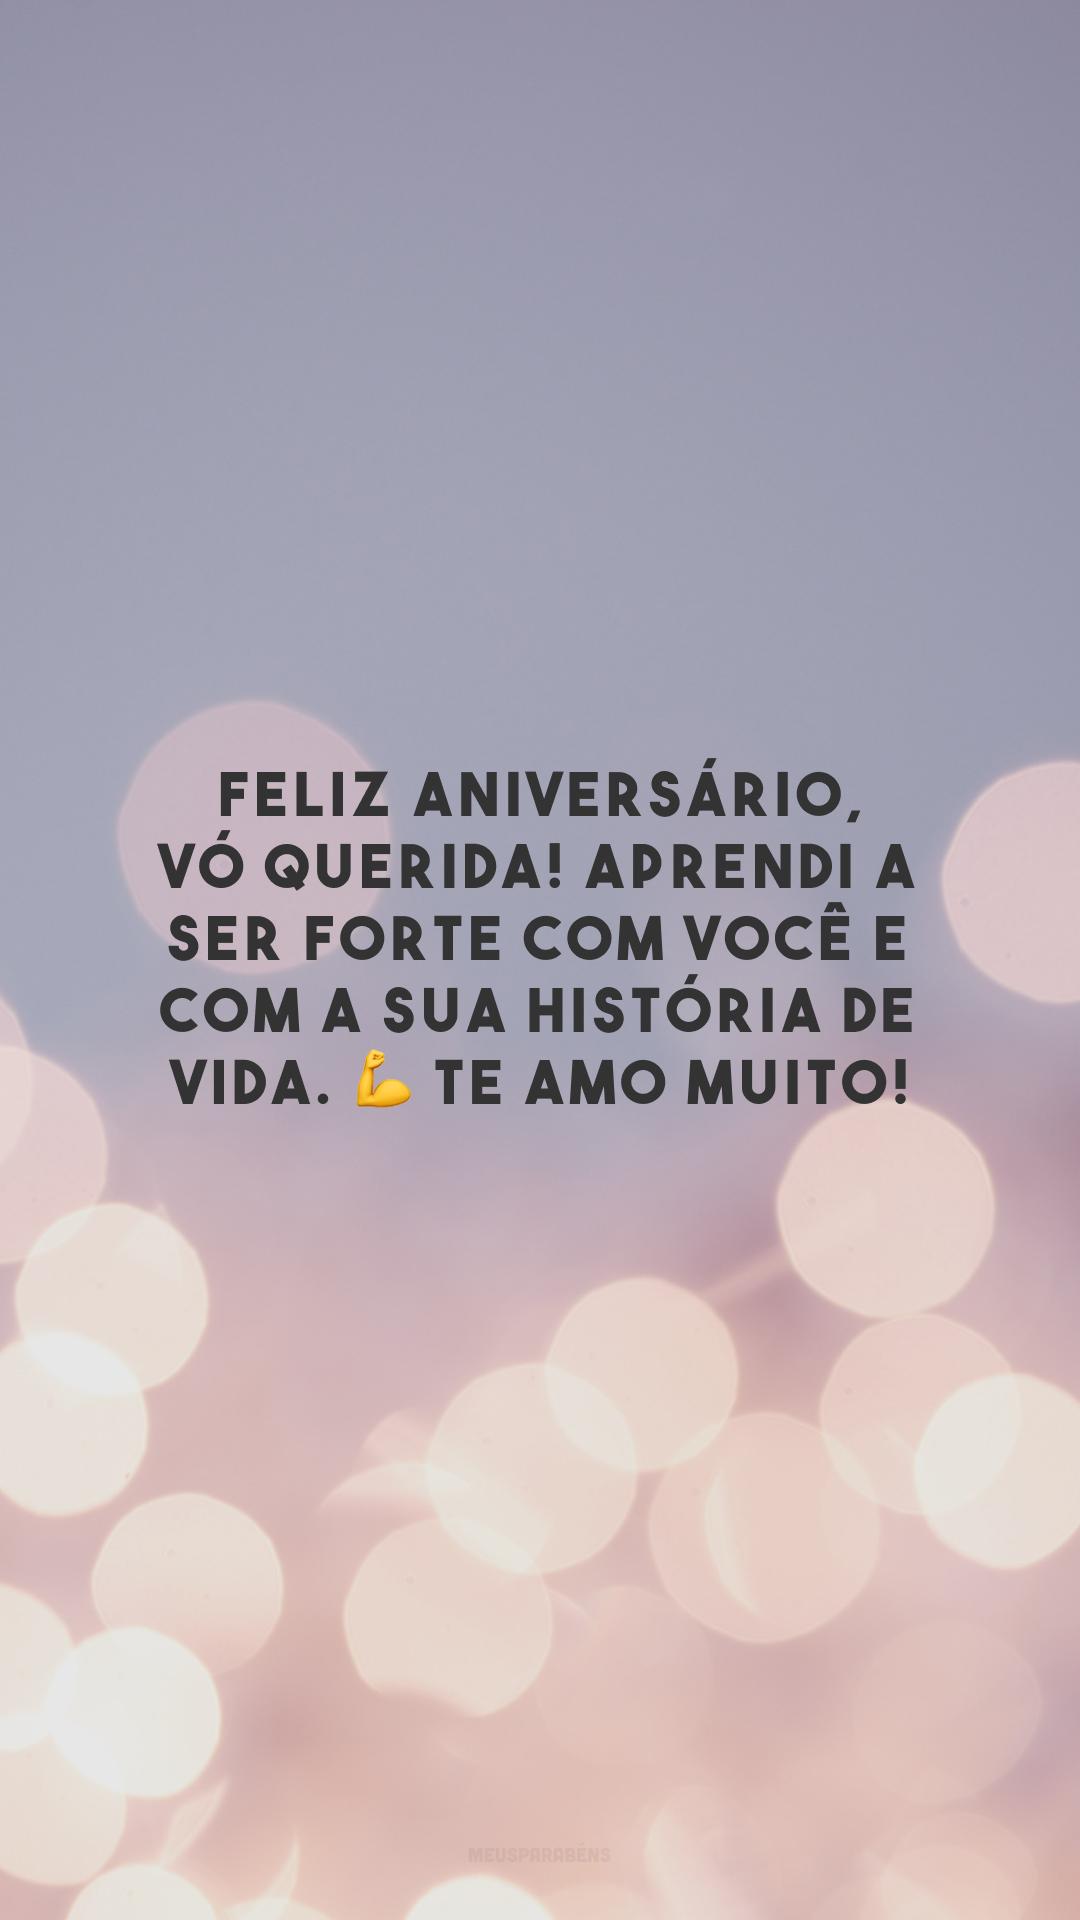 Feliz aniversário, vó querida! Aprendi a ser forte com você e com a sua história de vida. 💪 Te amo muito!